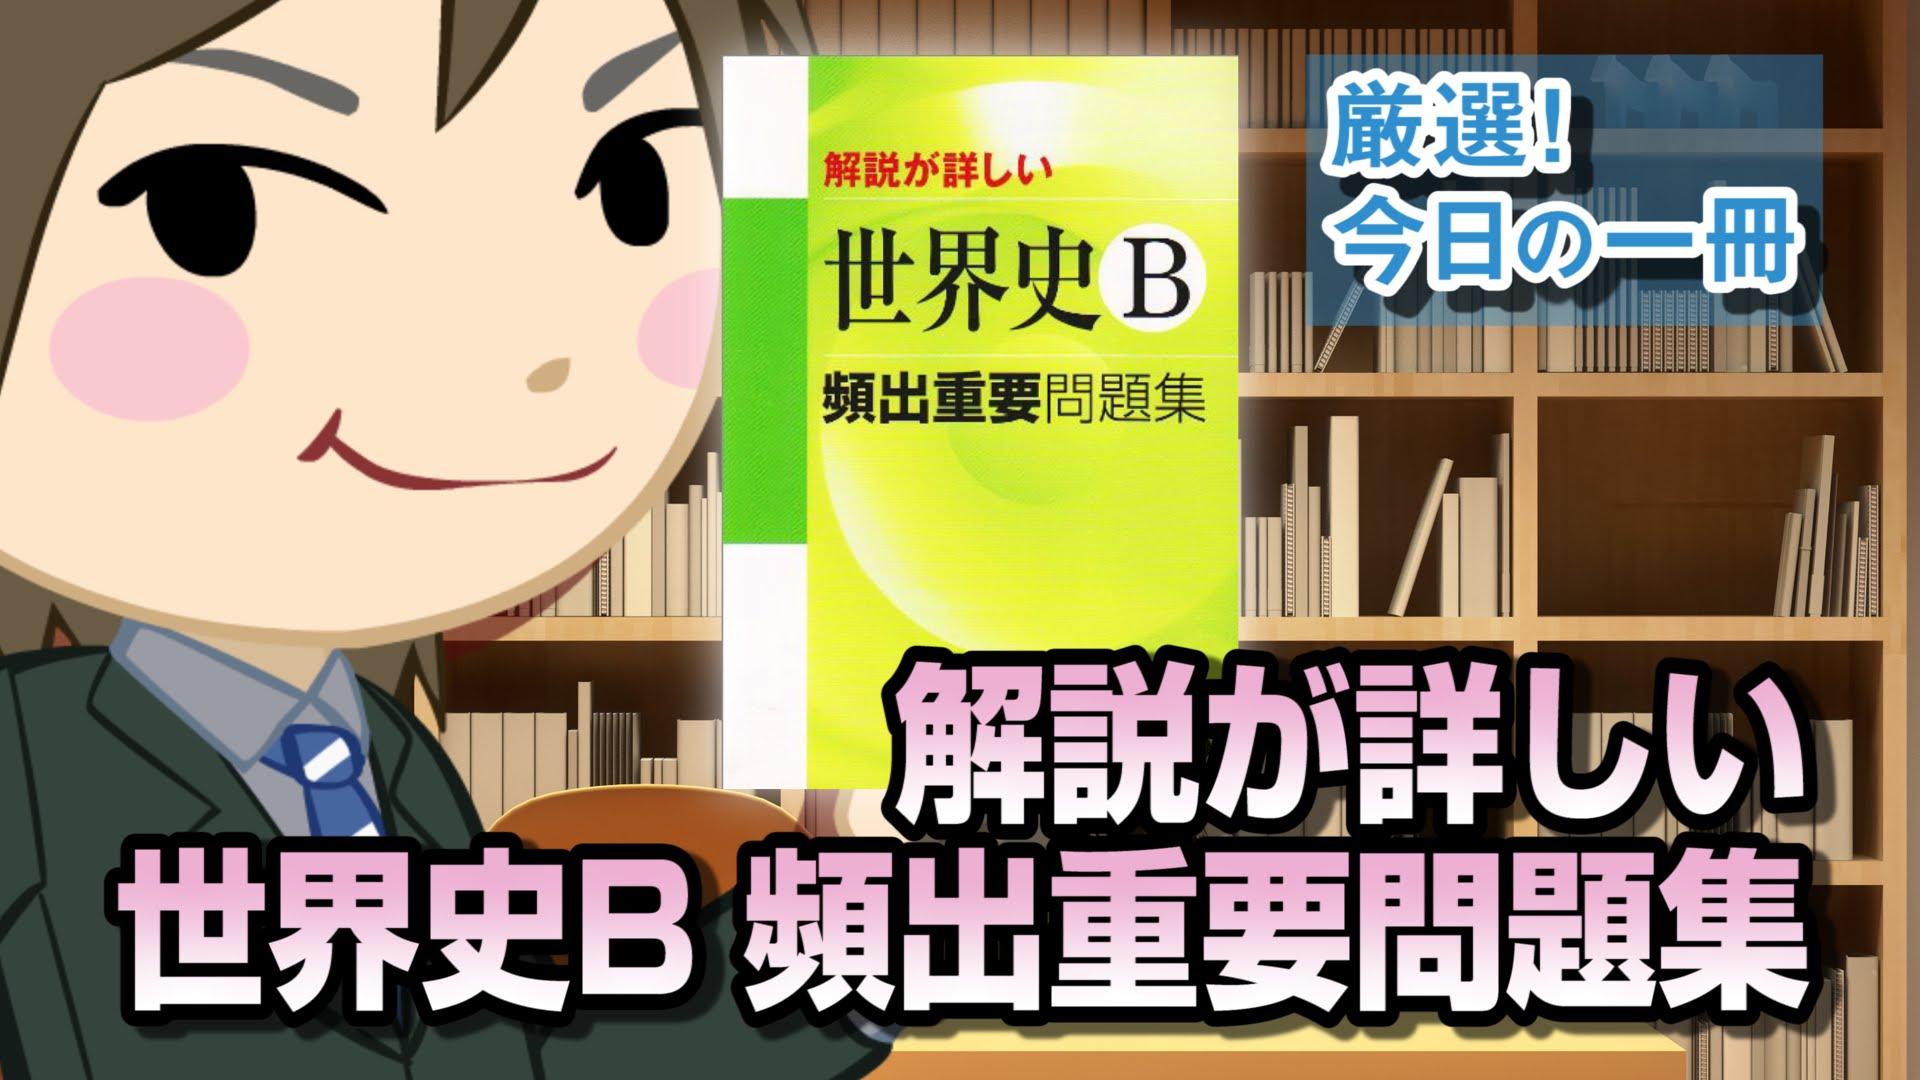 解説が詳しい世界史B頻出重要問題集|武田塾厳選! 今日の一冊